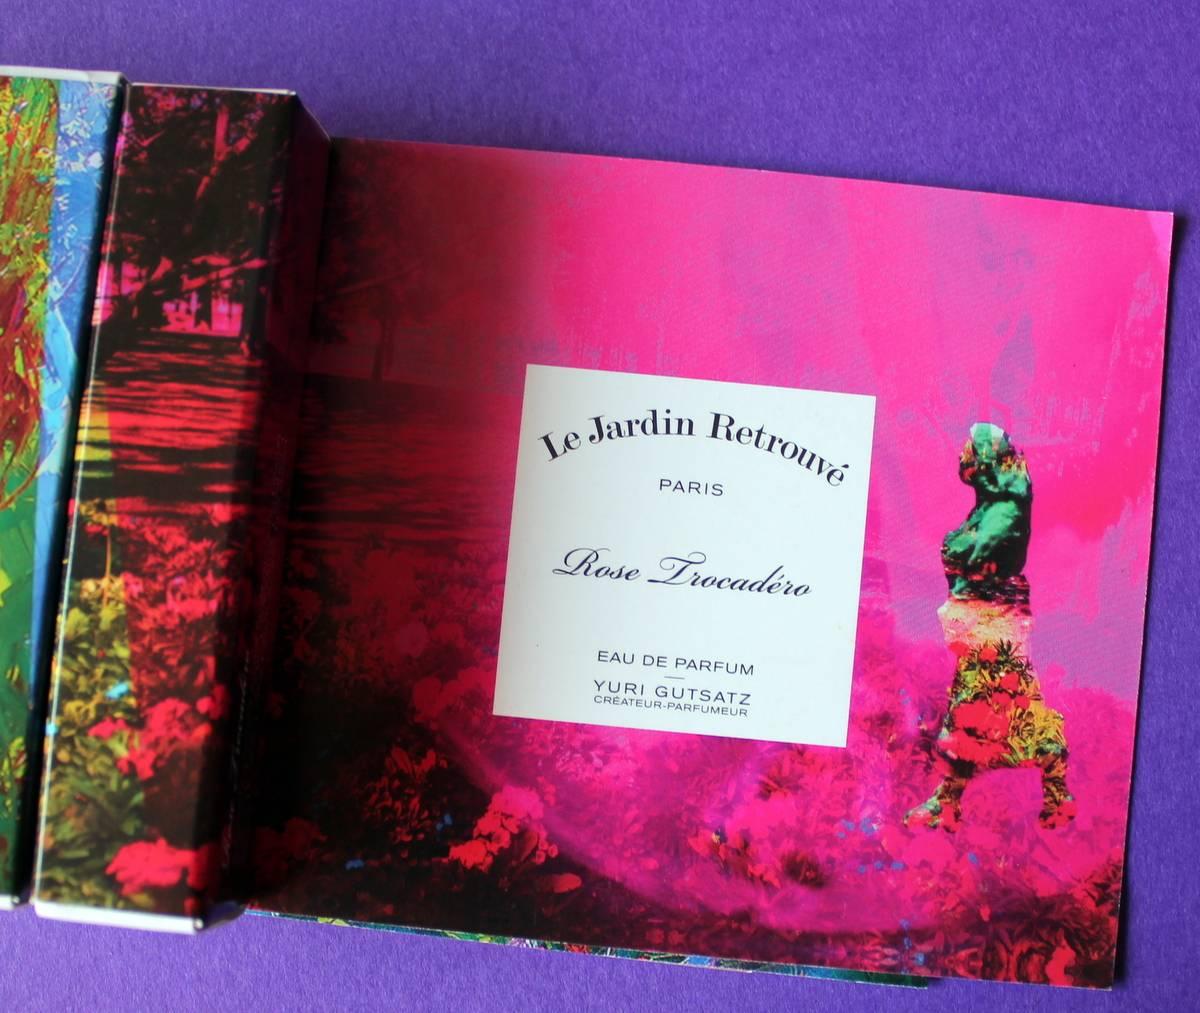 Le Jardin Retrouve - Rose Trocadero